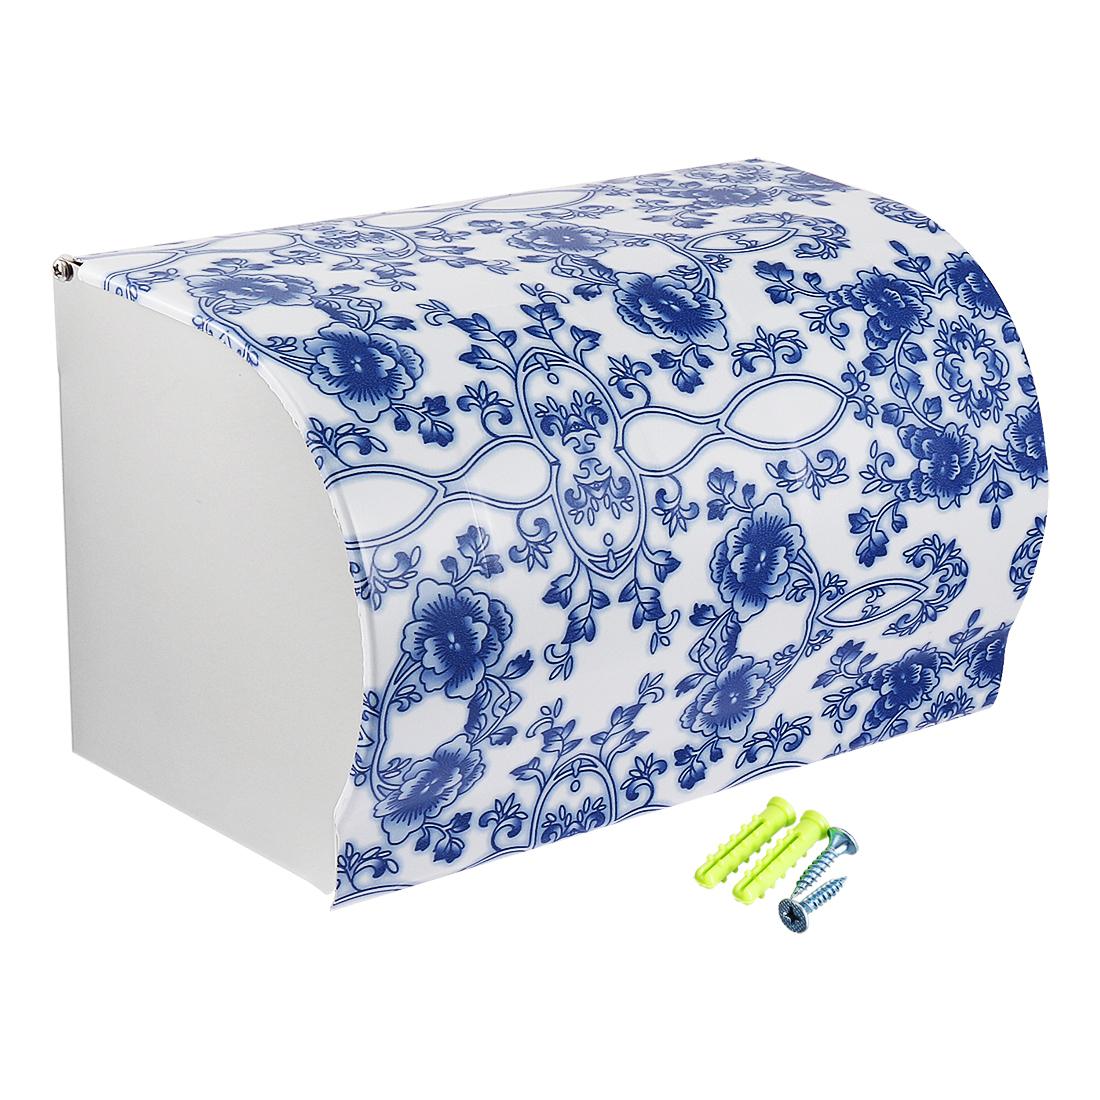 Toilet Paper Roll Dispenser Holder w Cover Stainless Steel 197mm Length Glossy